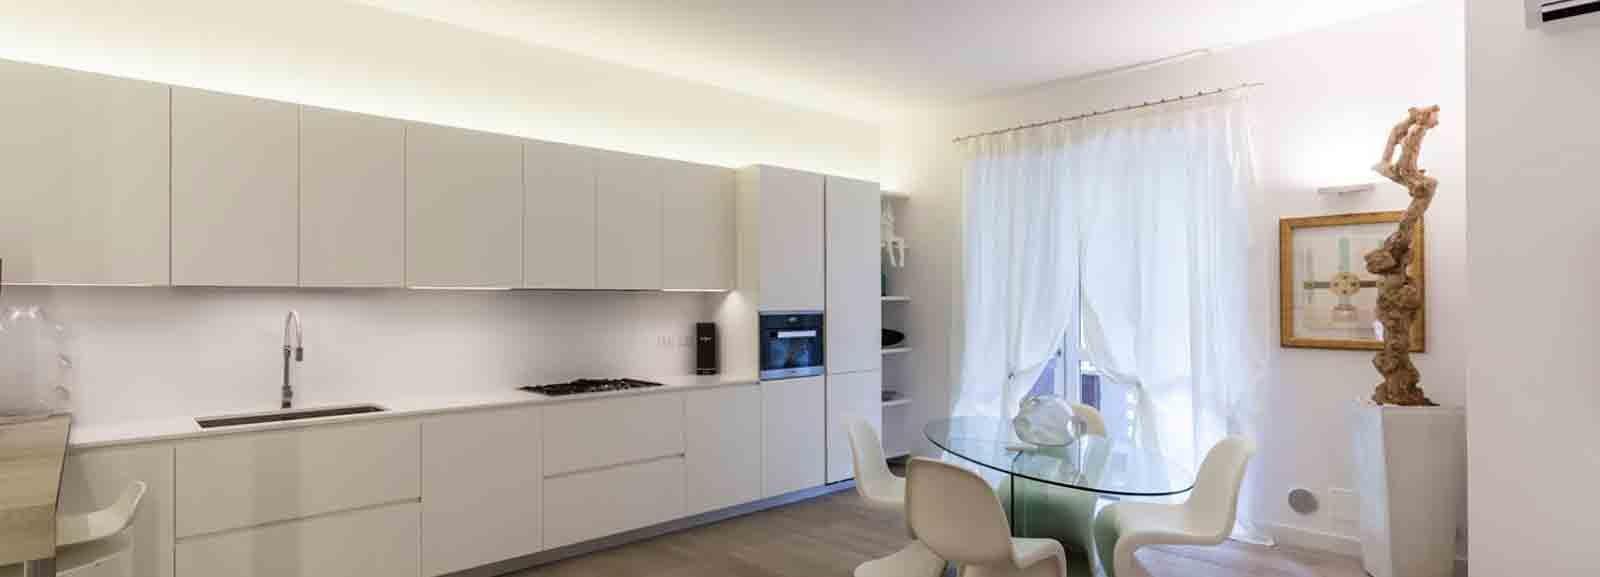 2 cucina living cose di casa - Lavori di cartongesso in cucina ...